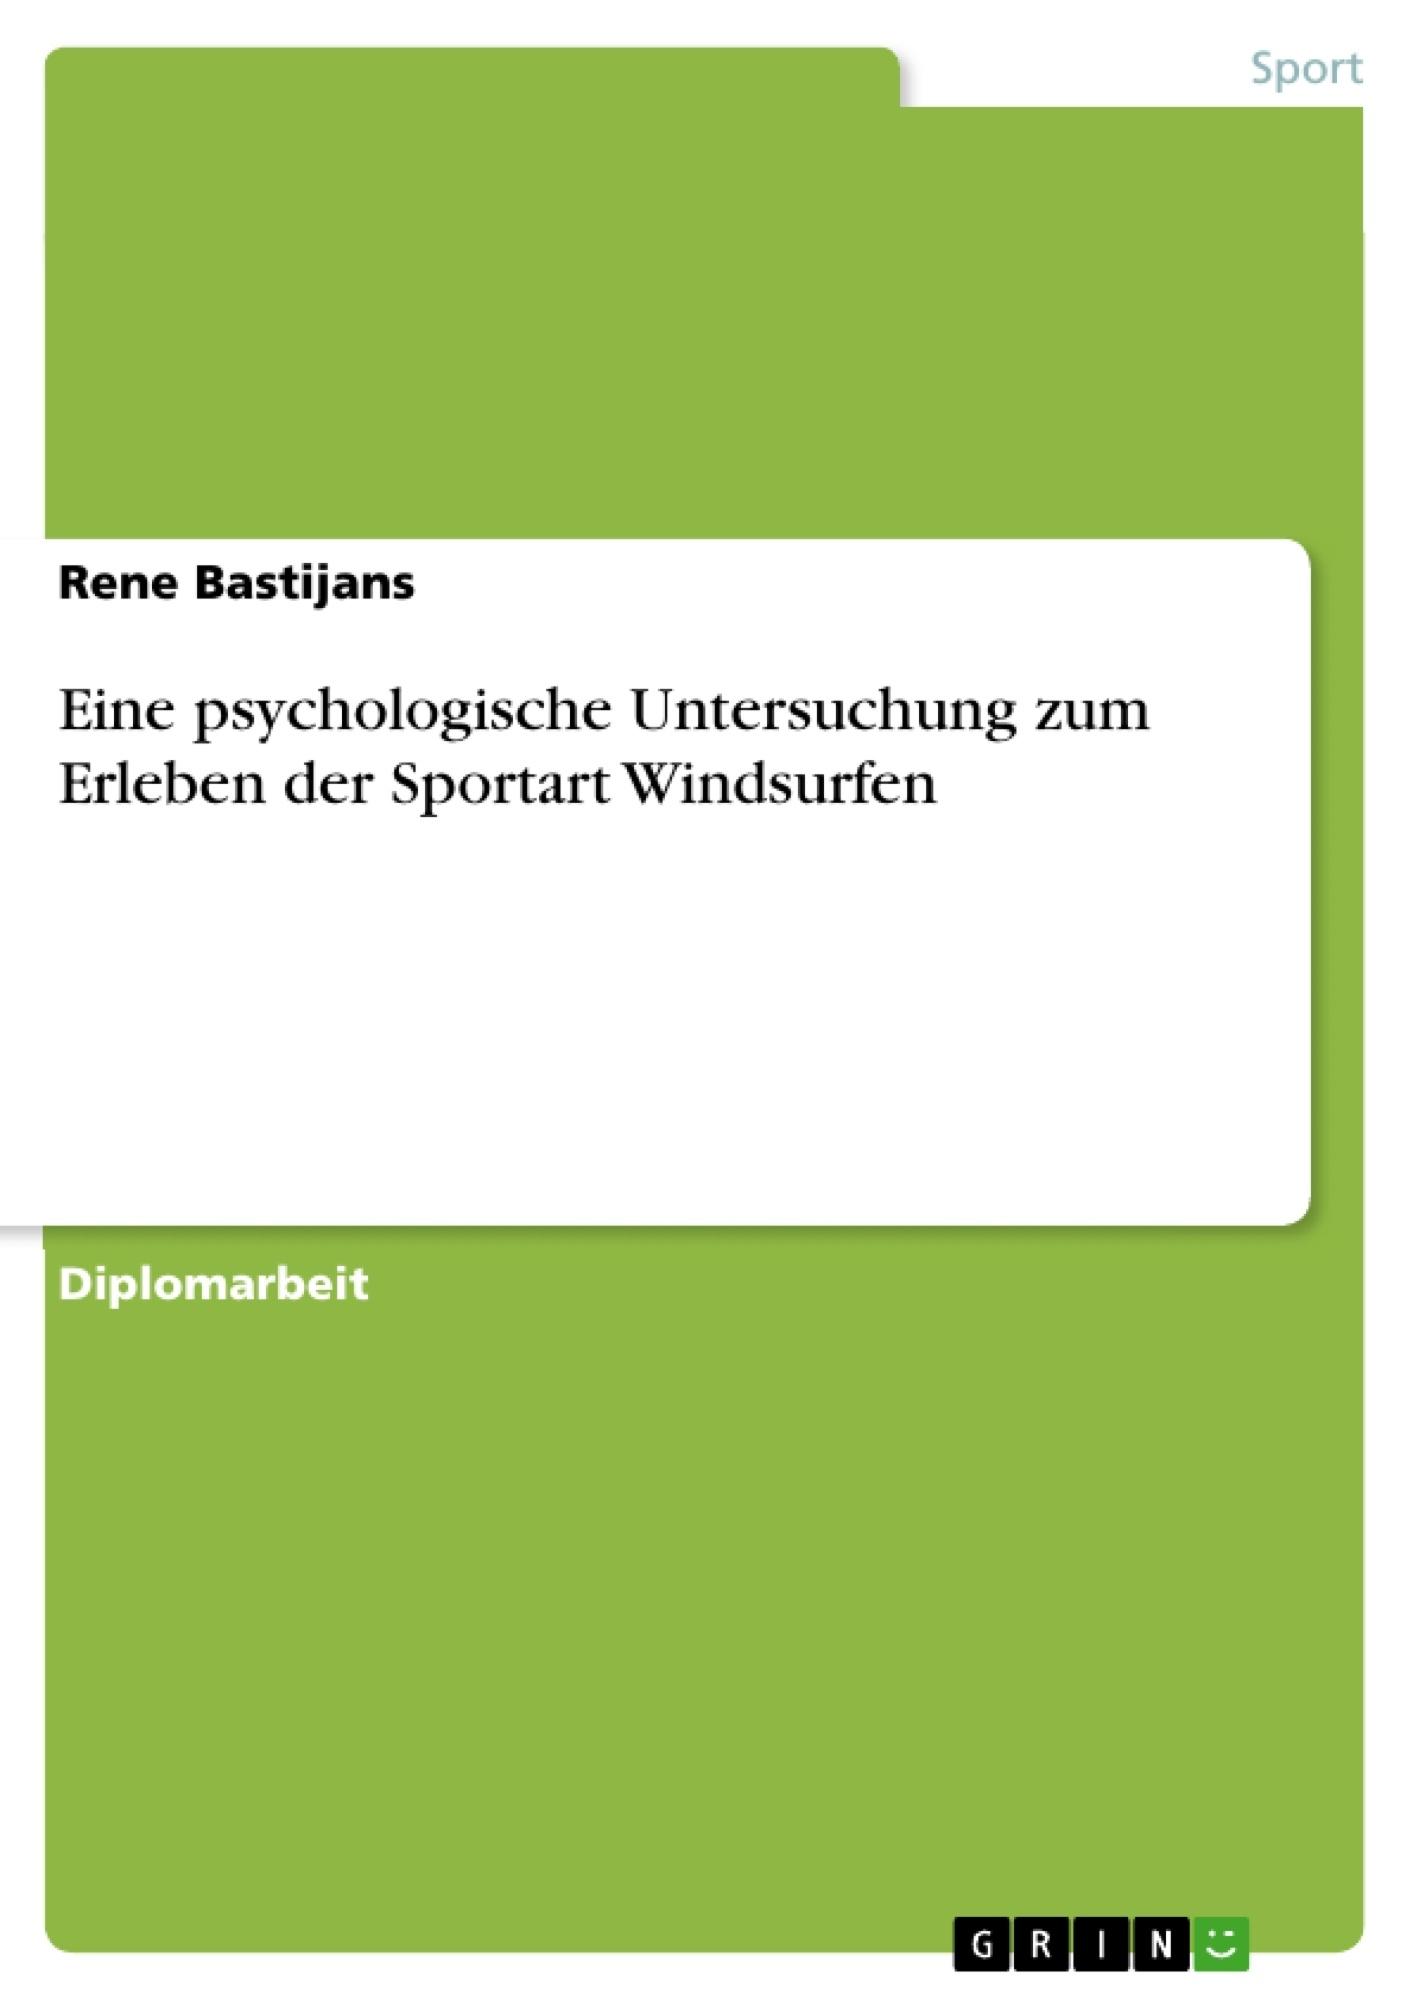 Titel: Eine psychologische Untersuchung zum Erleben der Sportart Windsurfen